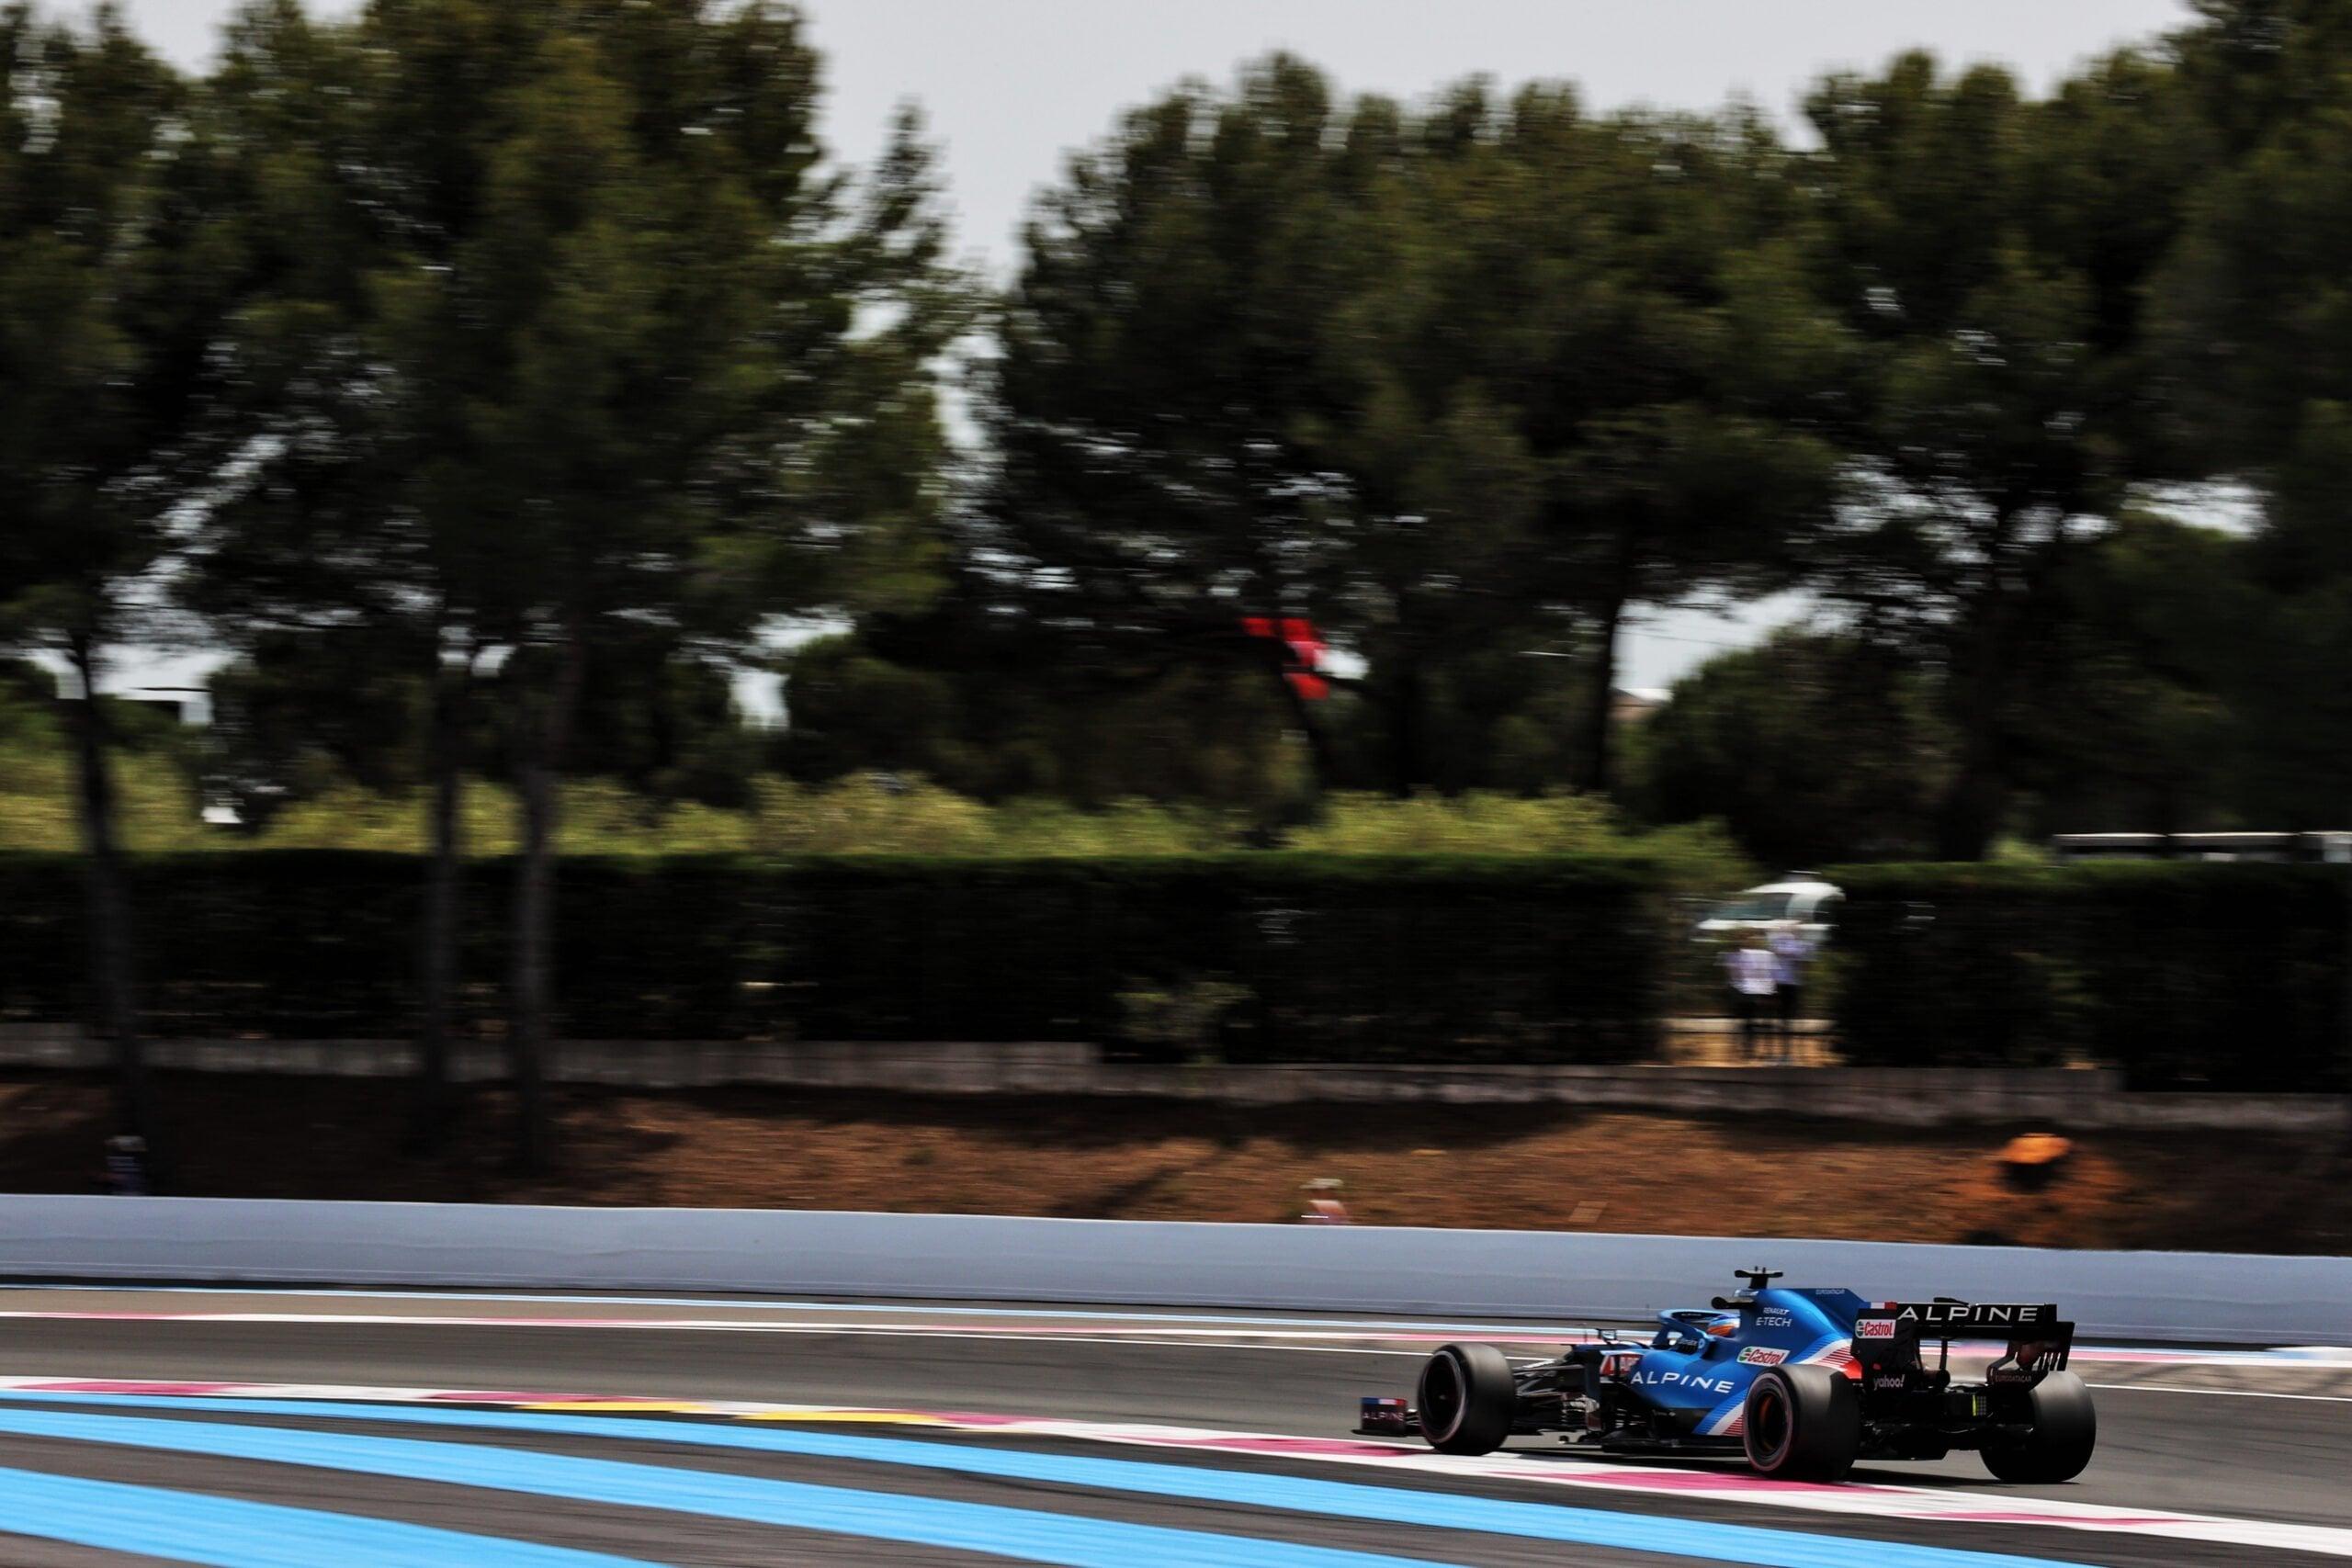 Alpine F1 Alonso Ocon A521 Castellet Paul Ricard 2021 9 scaled | Alpine F1 : des essais convaincants au Grand Prix Emirates de France